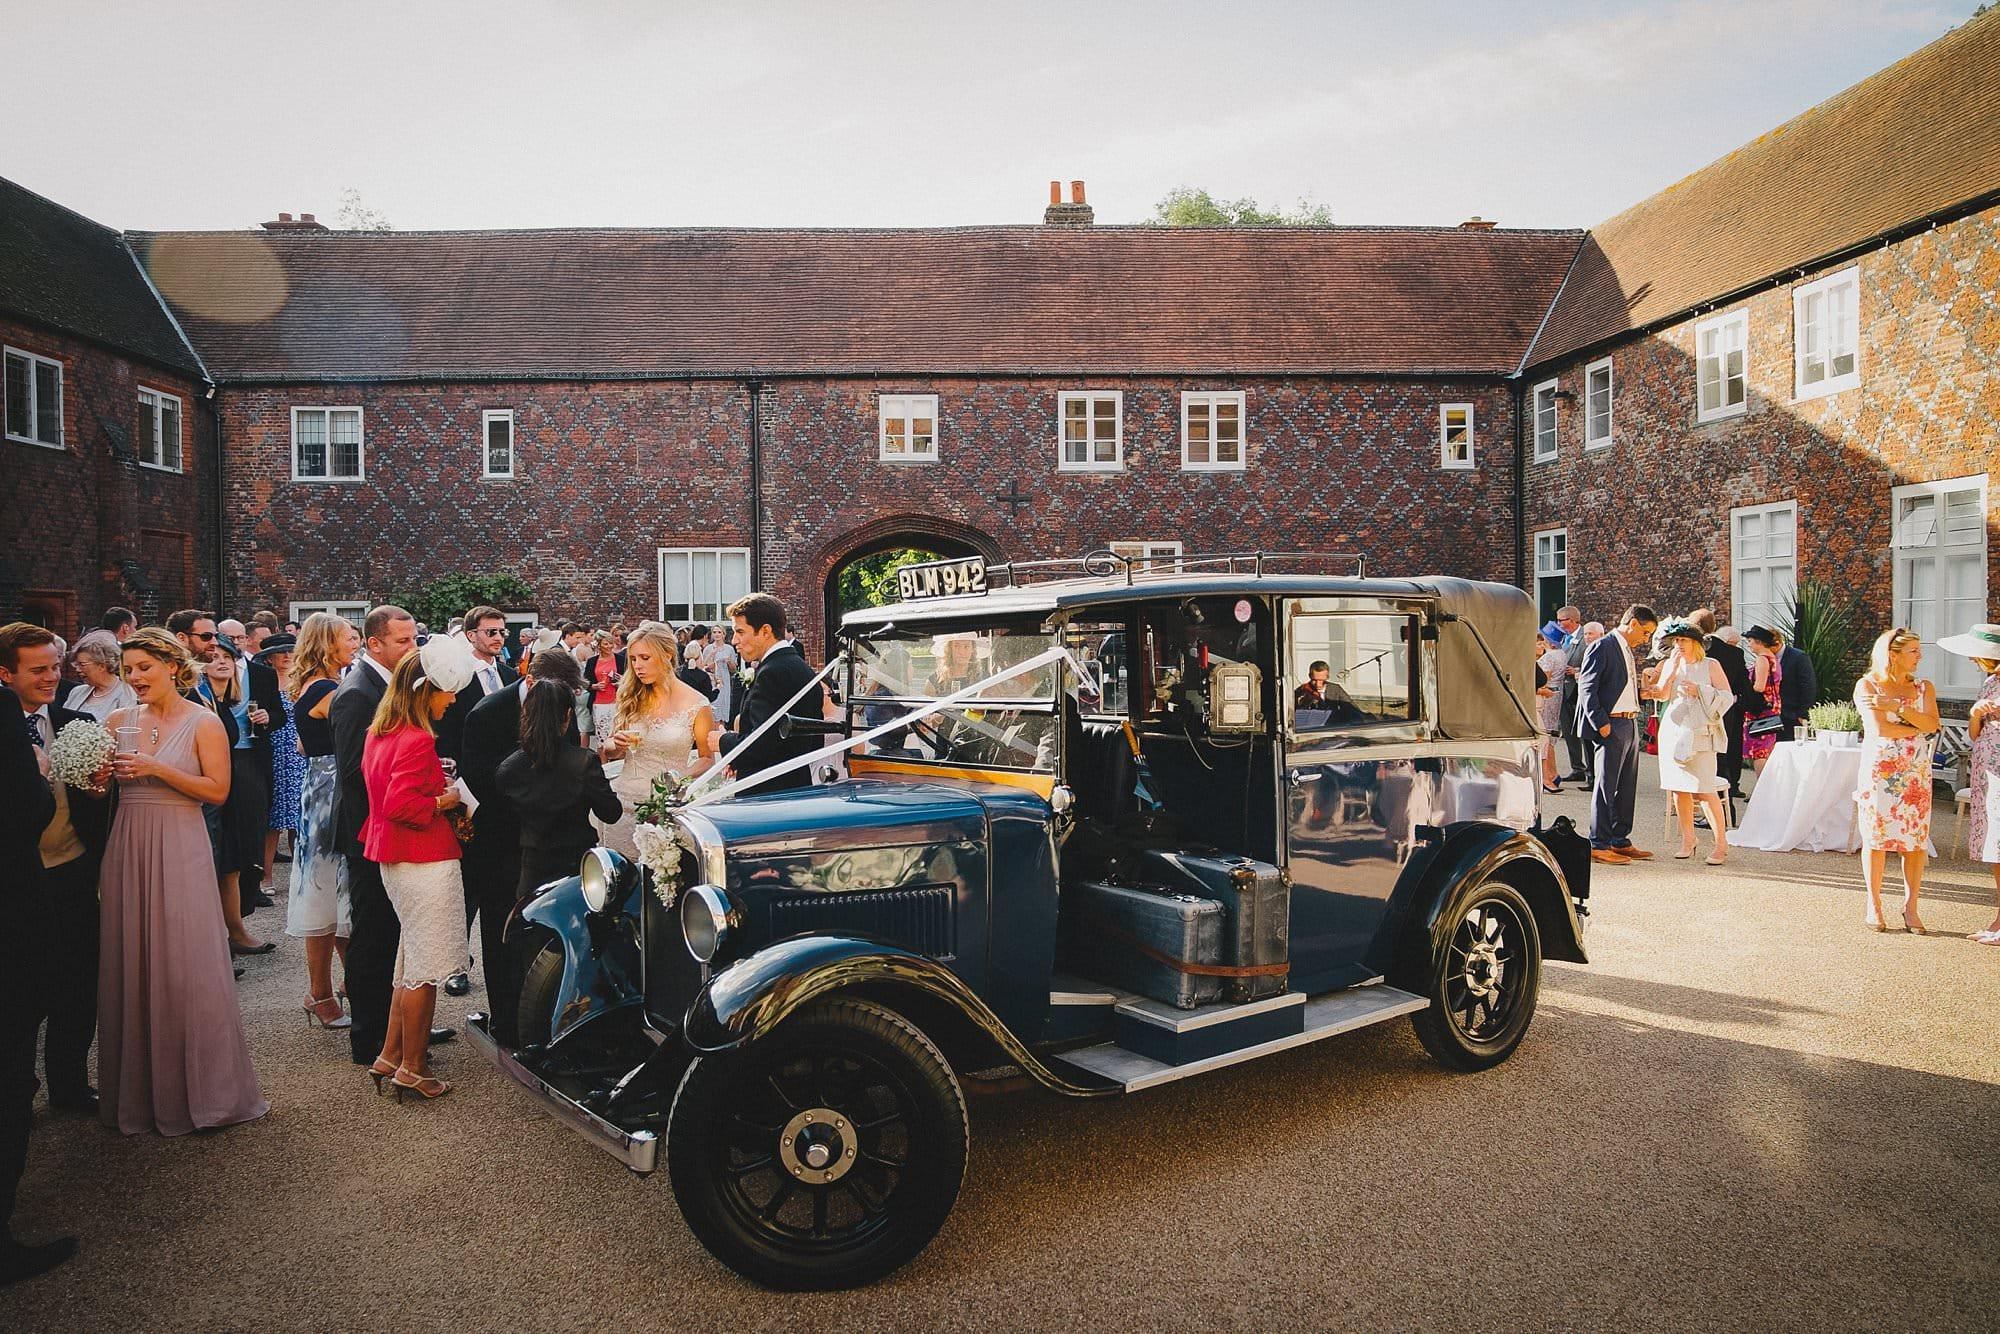 fulham palace wedding photographer 056 - Rosanna & Duncan's Fulham Palace Wedding